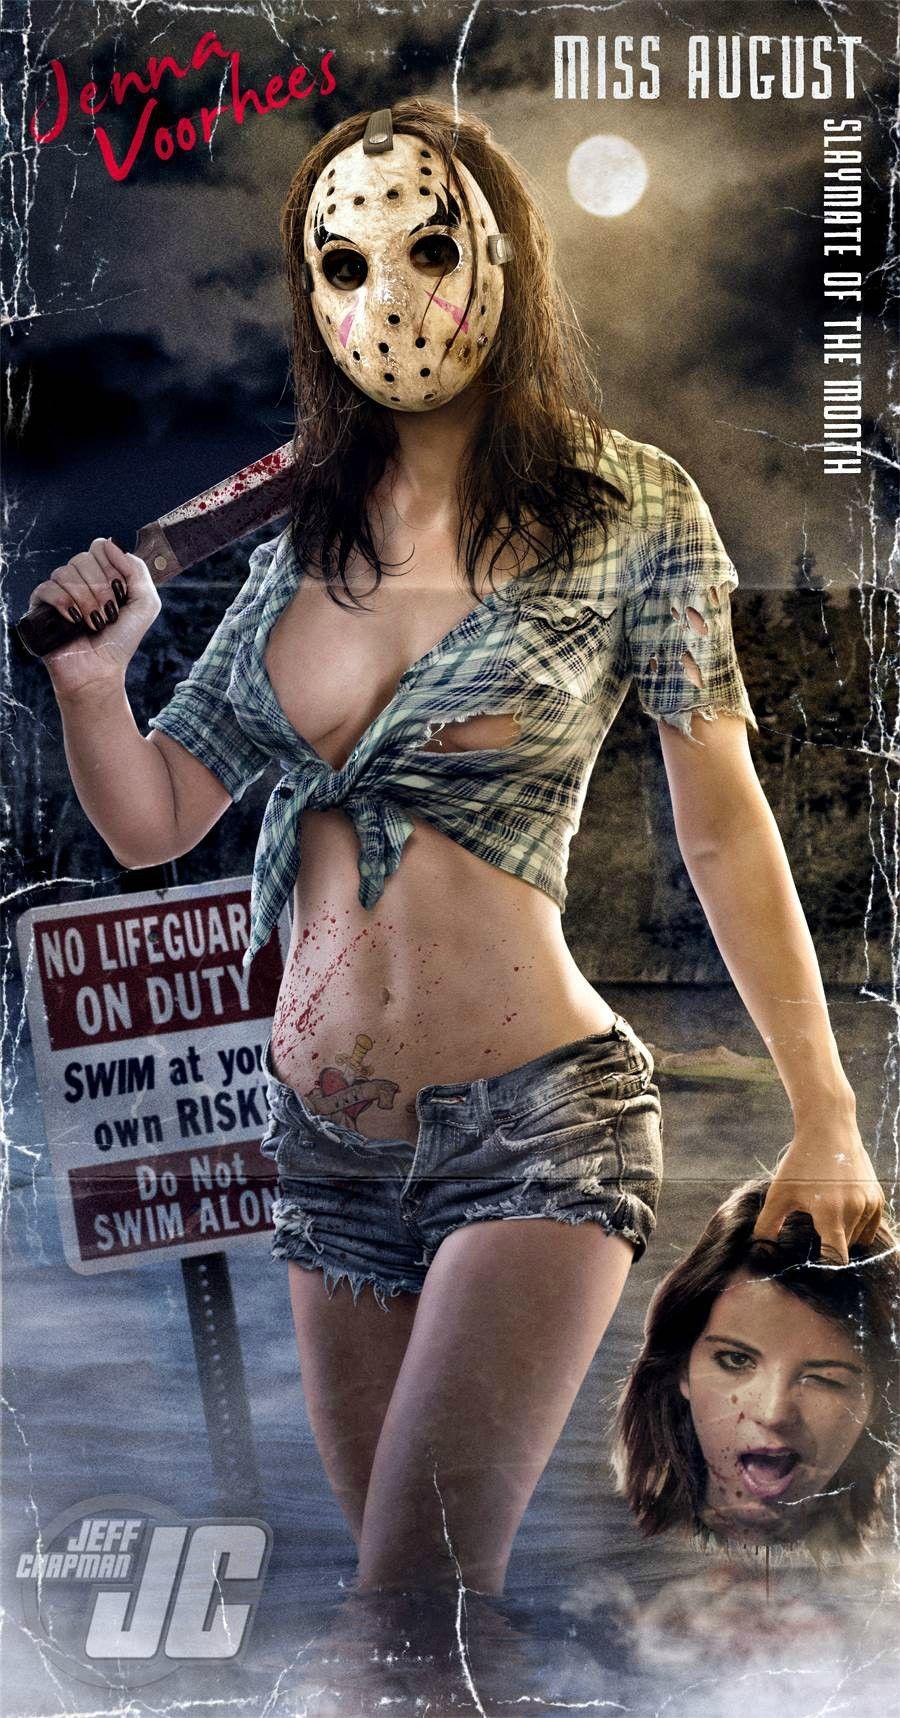 Horrer sexy movie